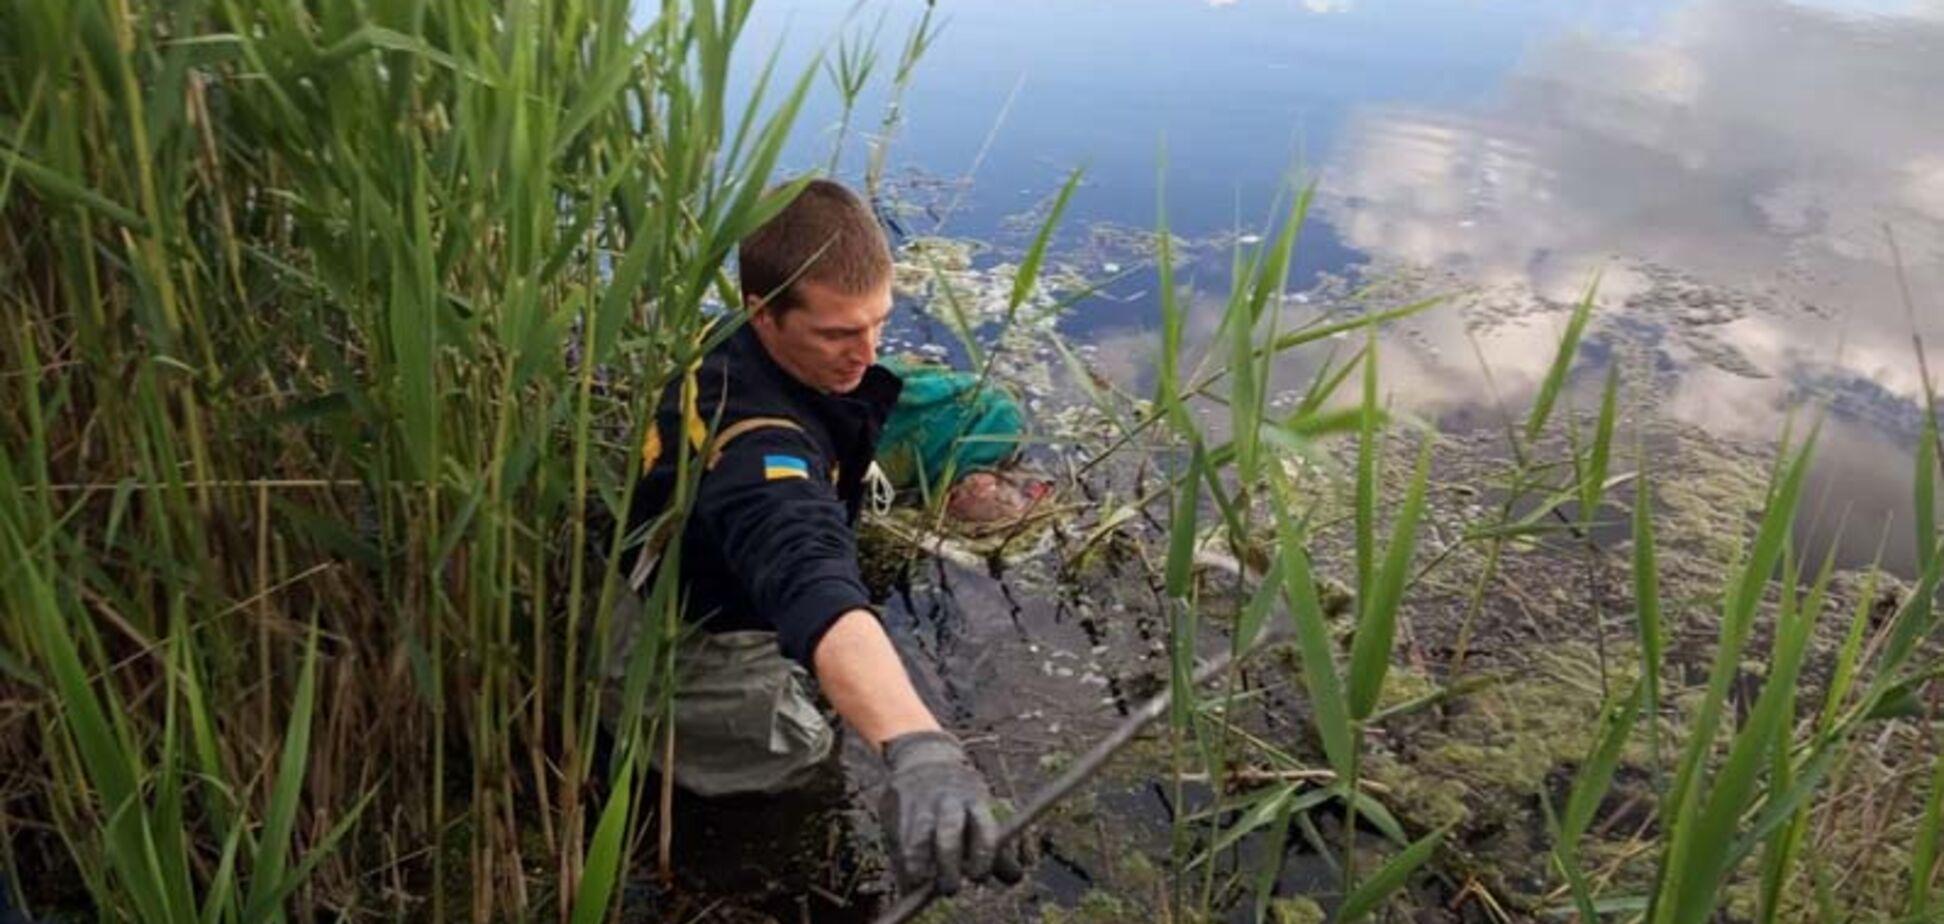 Під Дніпром в водоймі знайшли тіло зниклої жінки. Фото